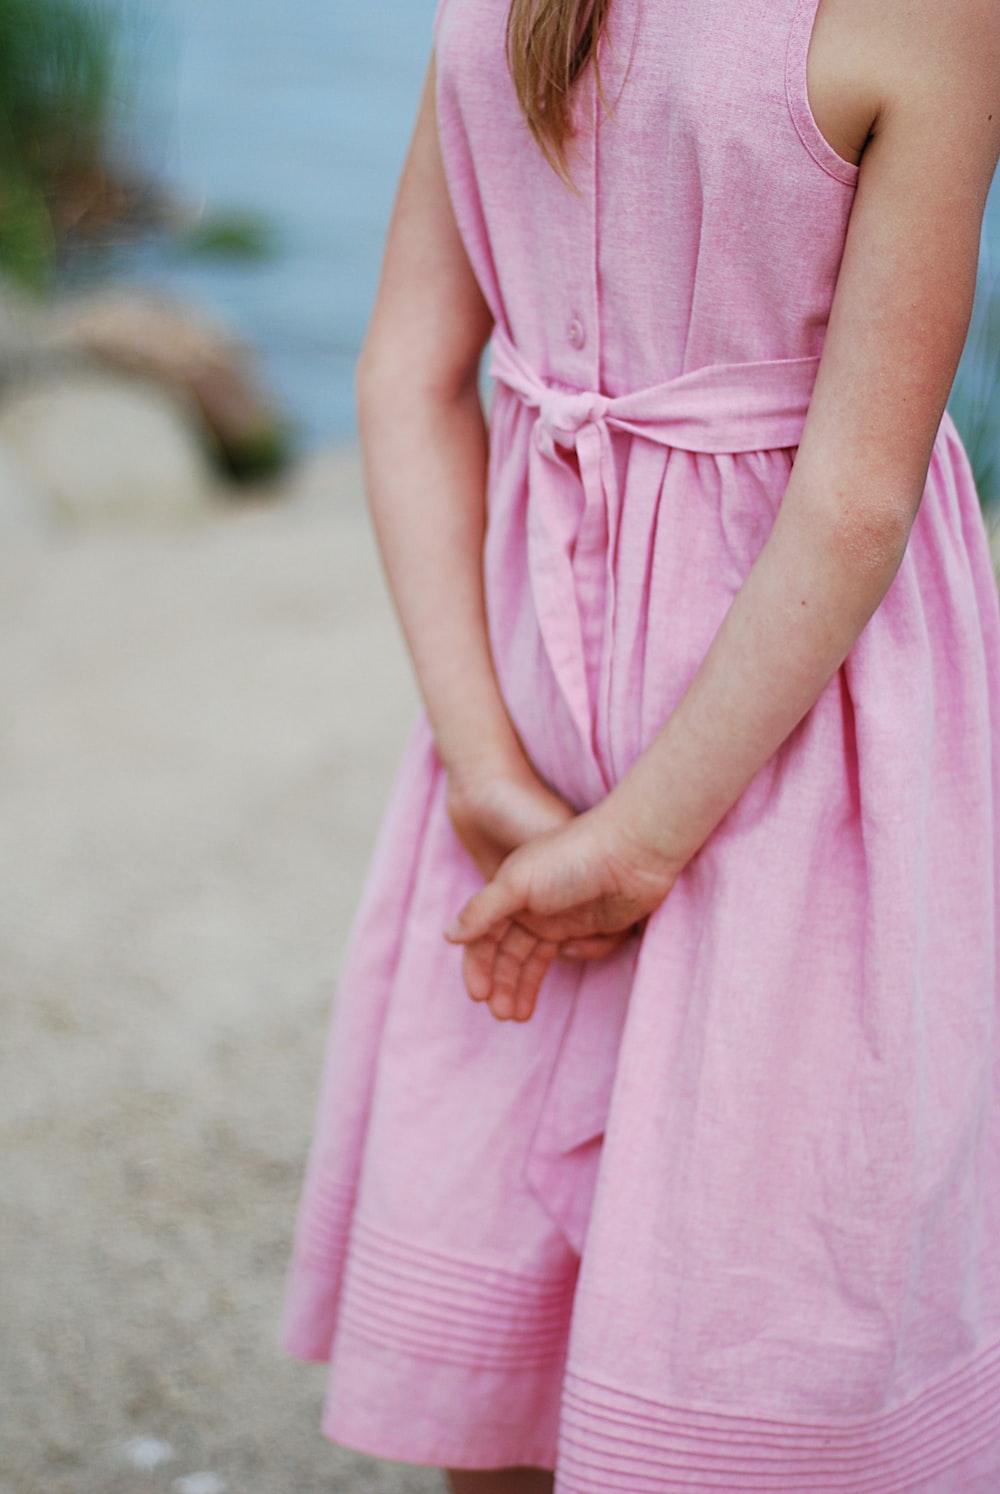 girl holding her hand backwards